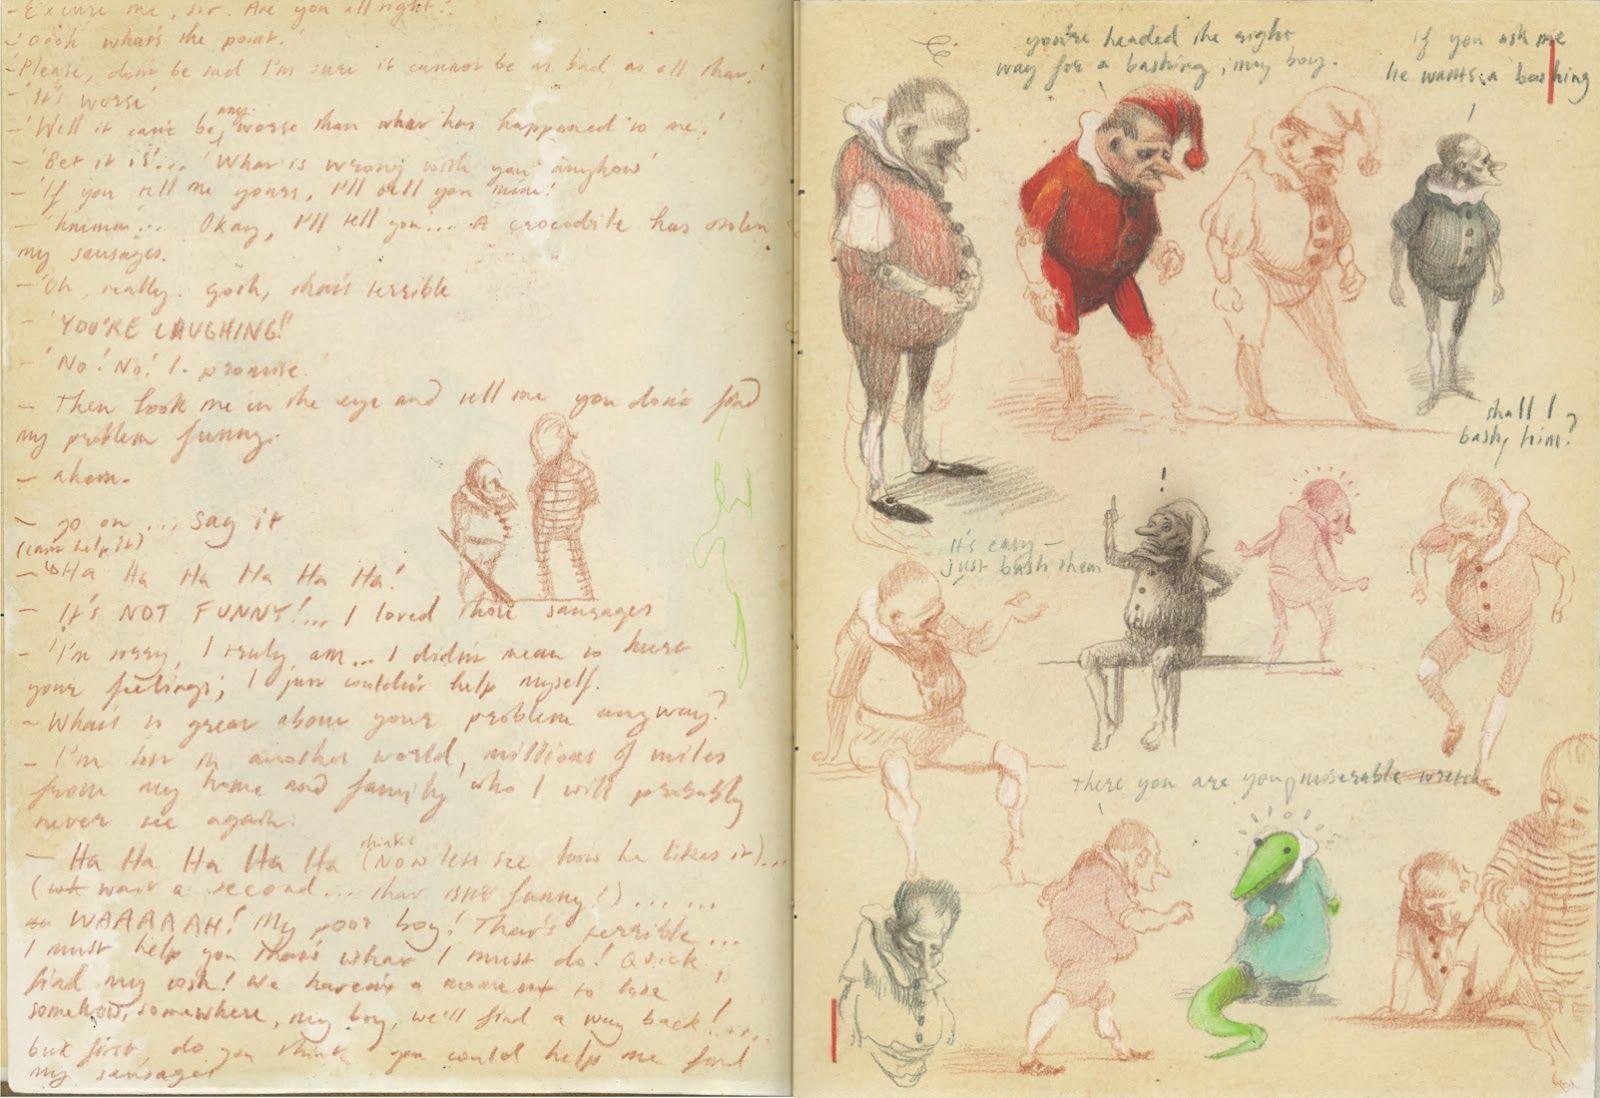 Alexis Deacon - sketchbook